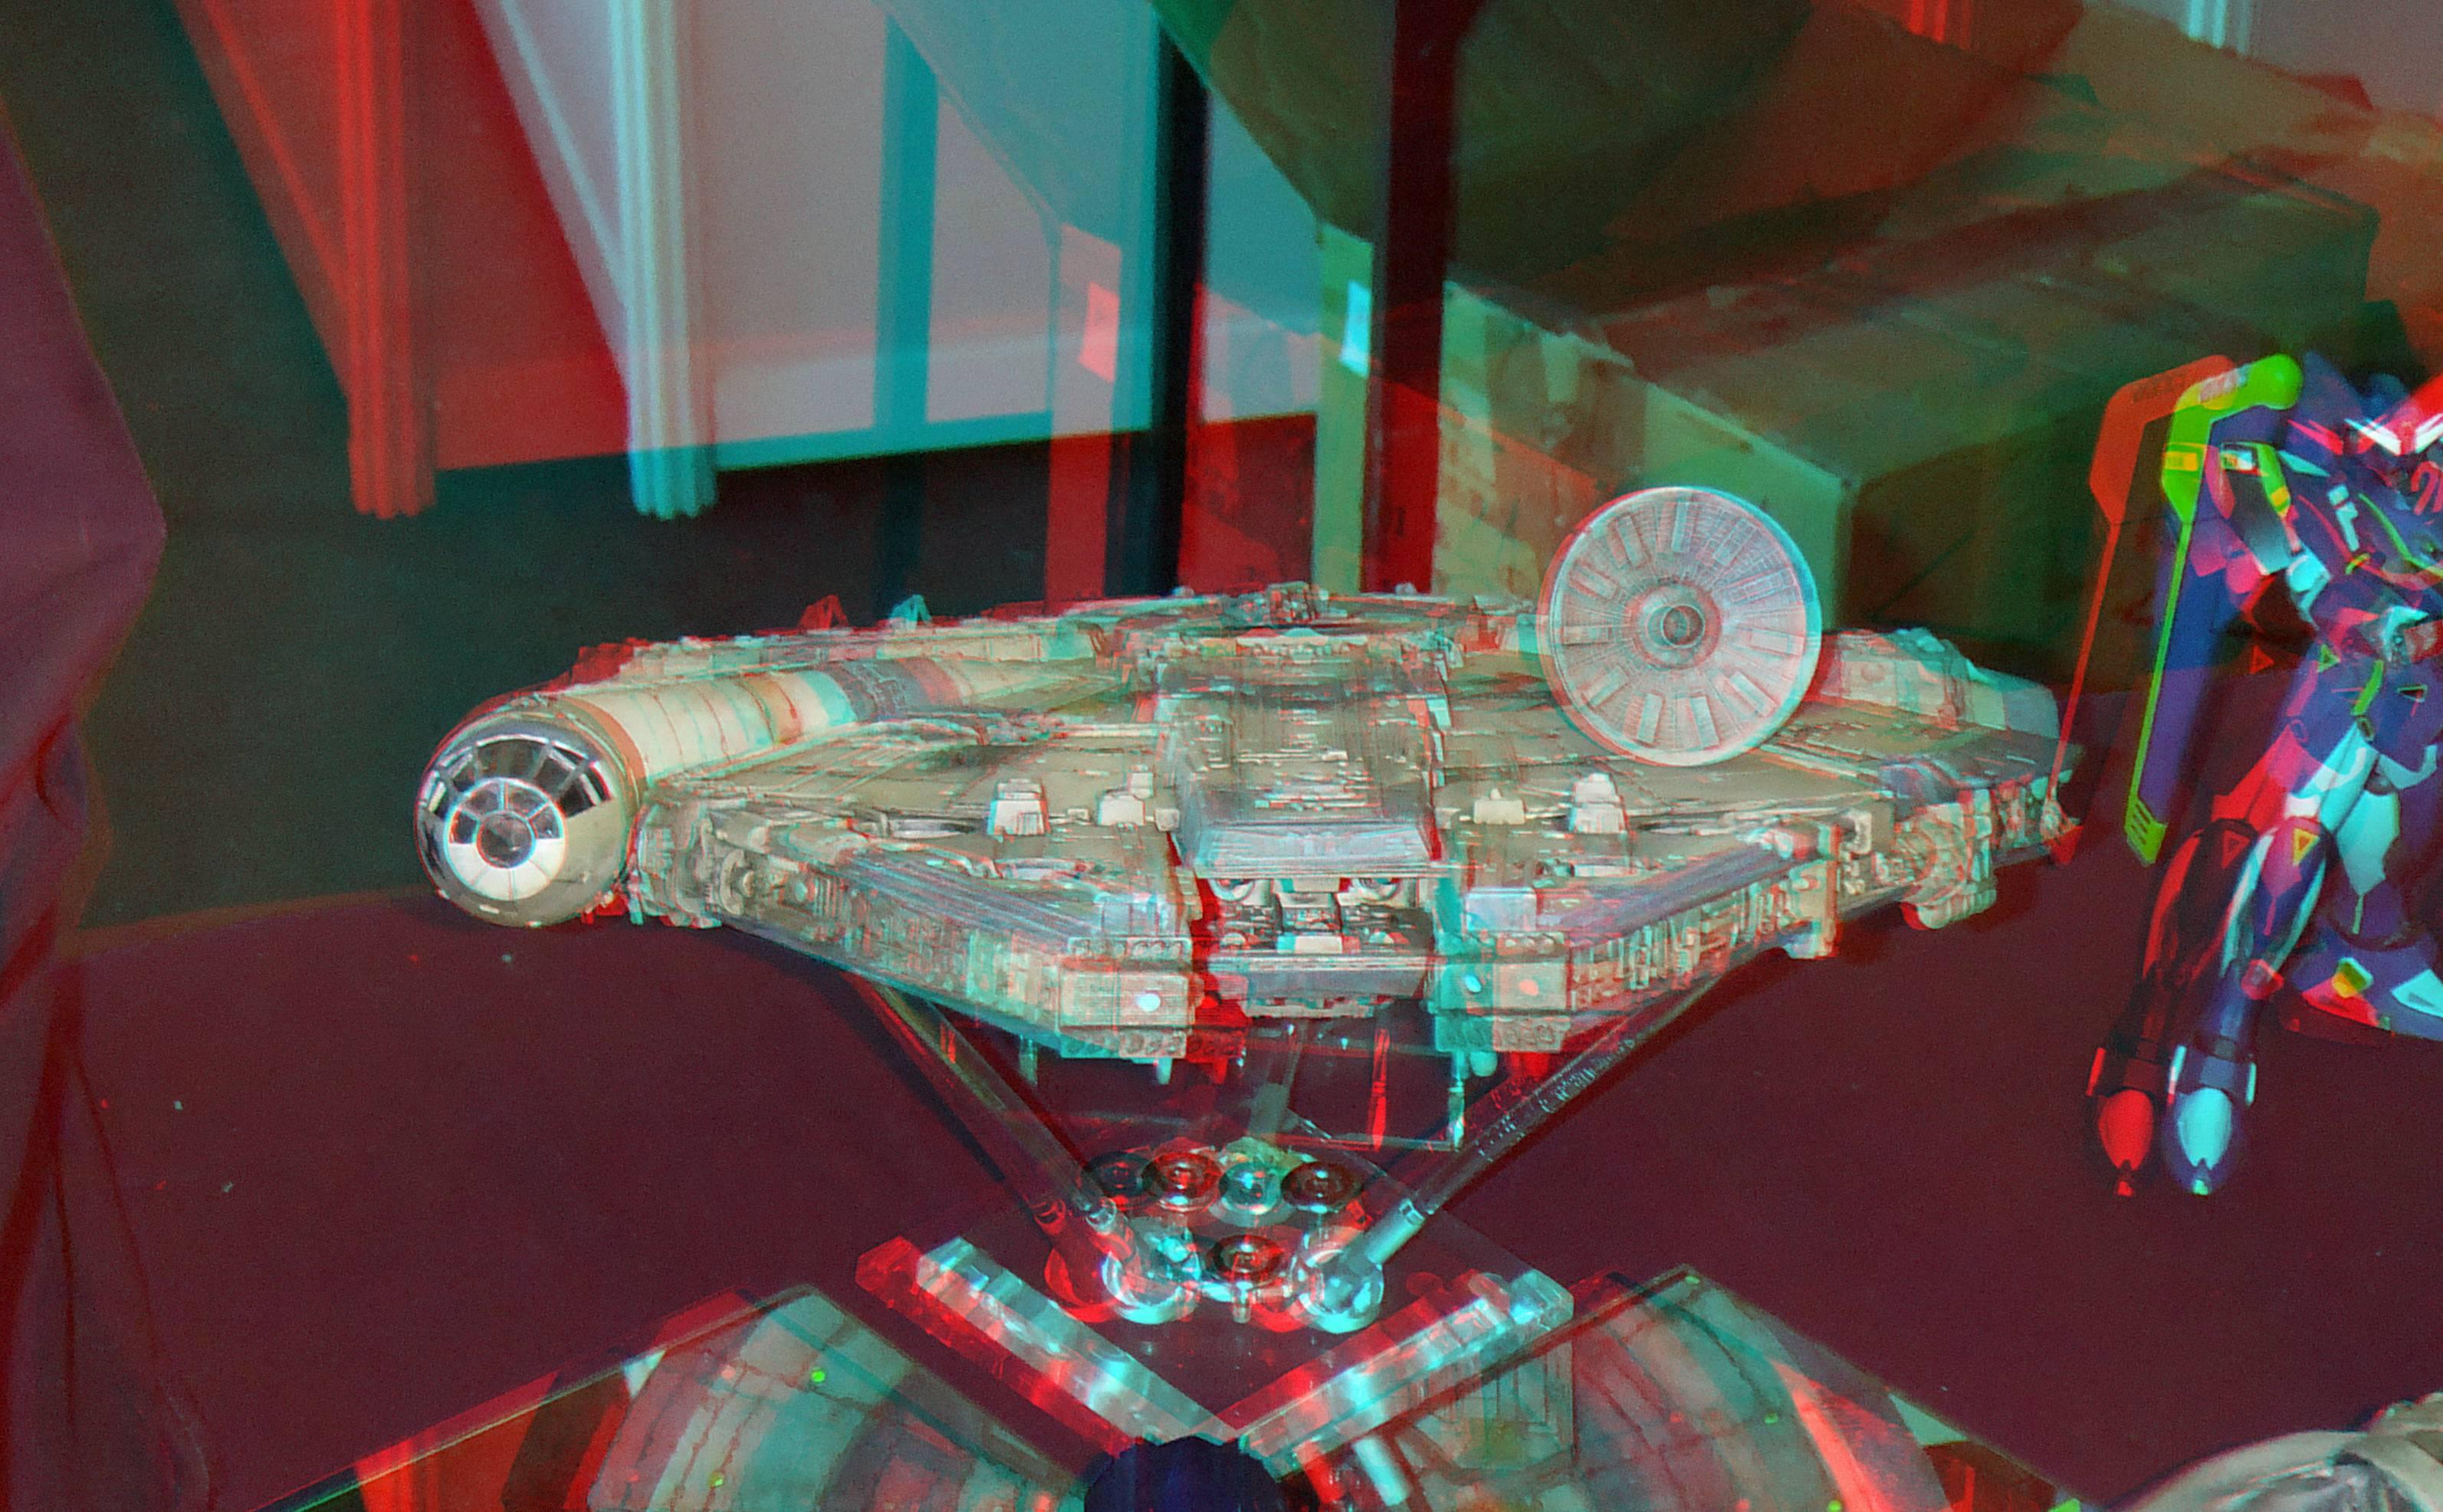 YT-1300 à bandes bleues (Millenium Falcon Episode 3) - Page 5 416522DSCF3944